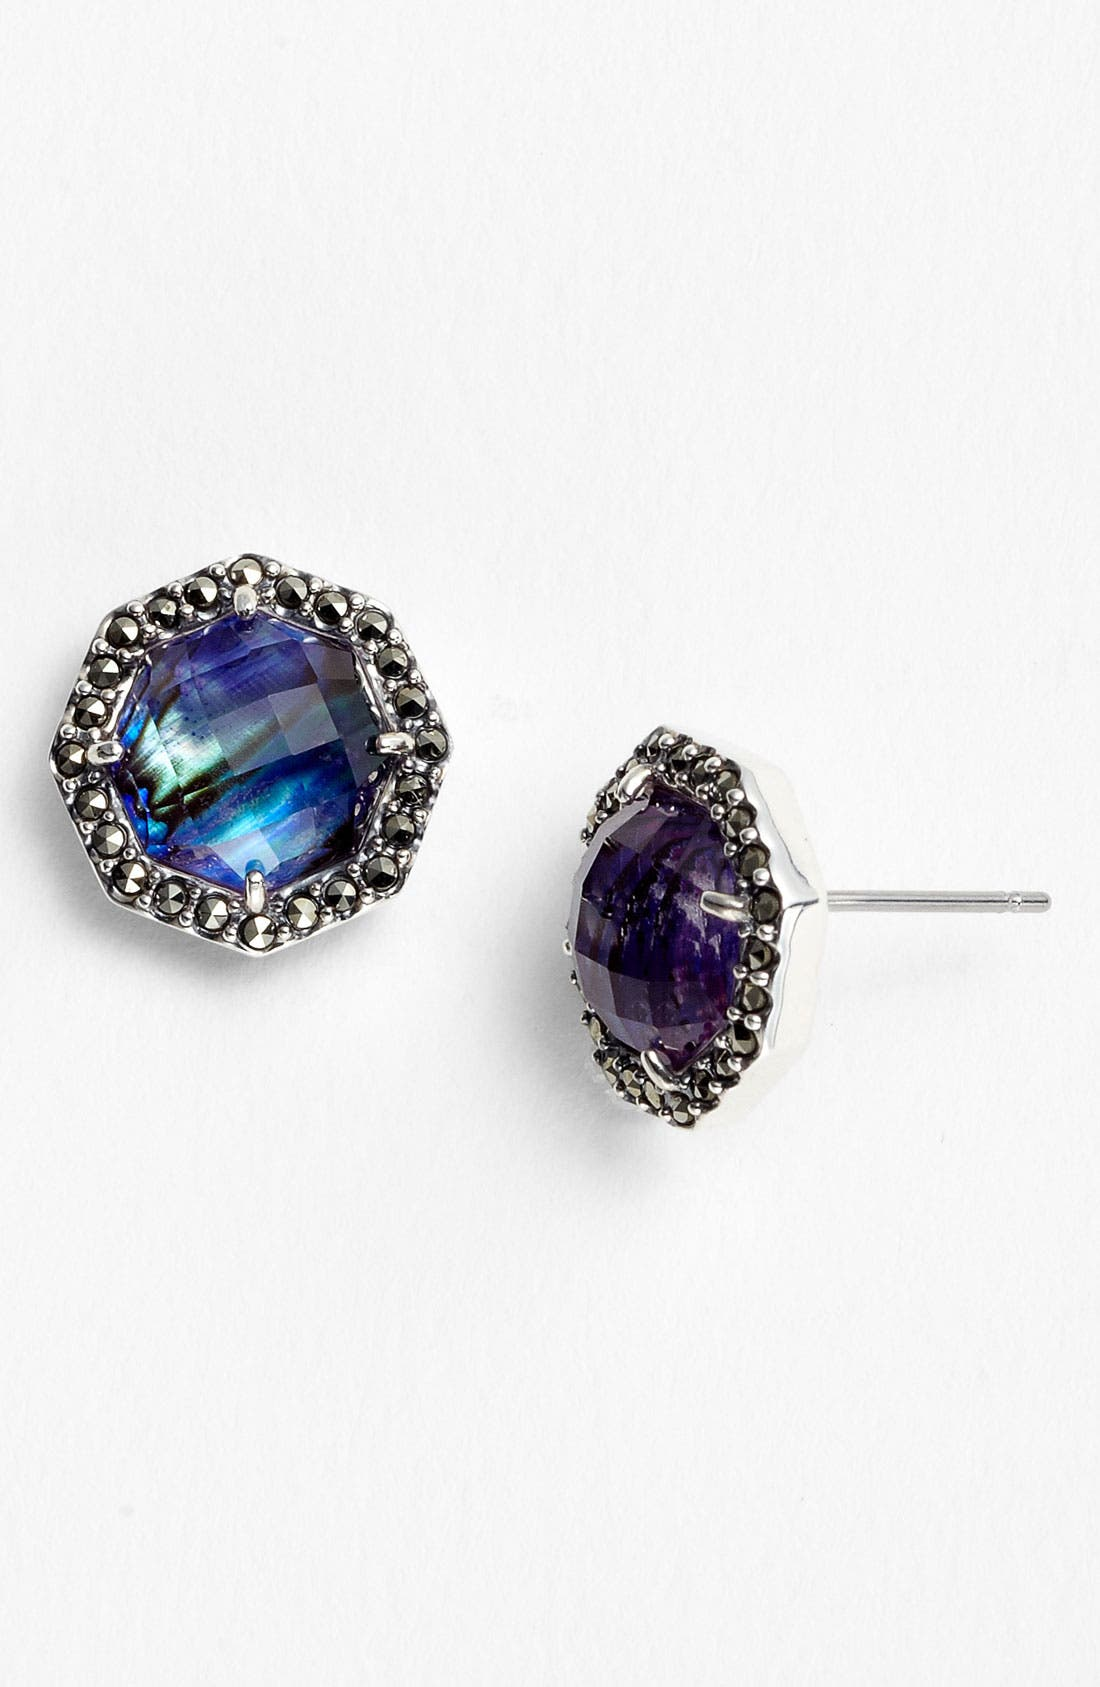 Main Image - Judith Jack 'Purple Maldives' Small Stud Earrings